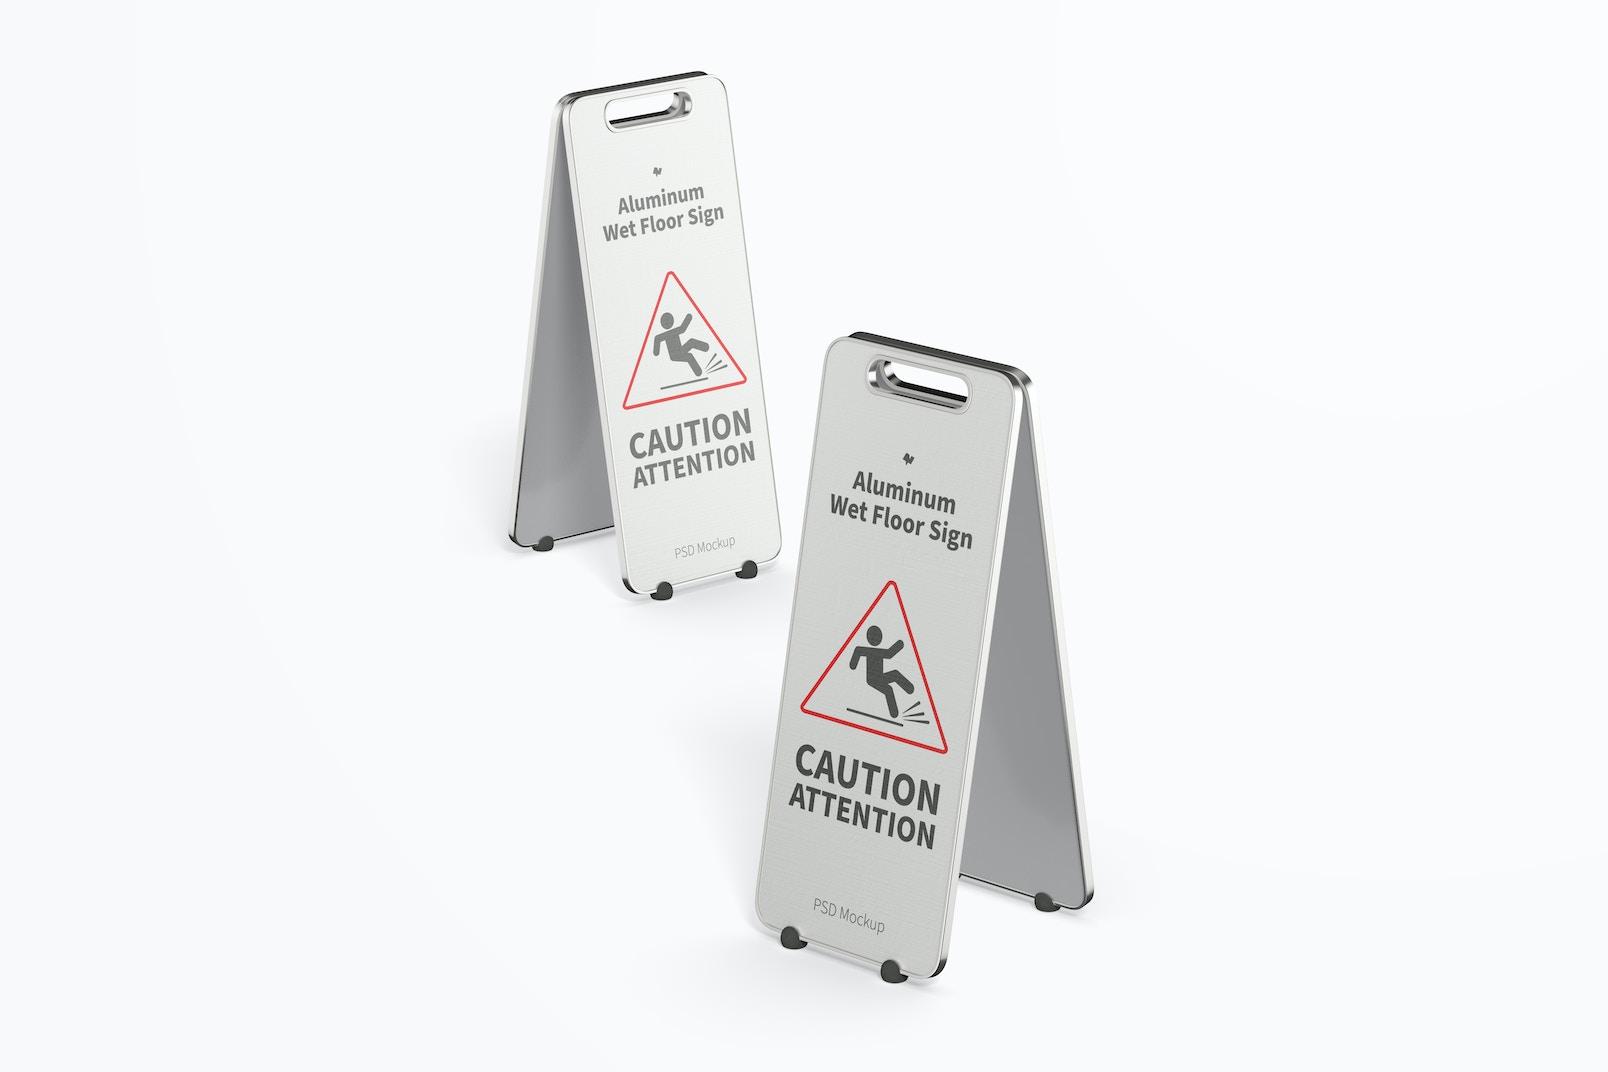 Aluminum Wet Floor Signs Mockup, Perspective